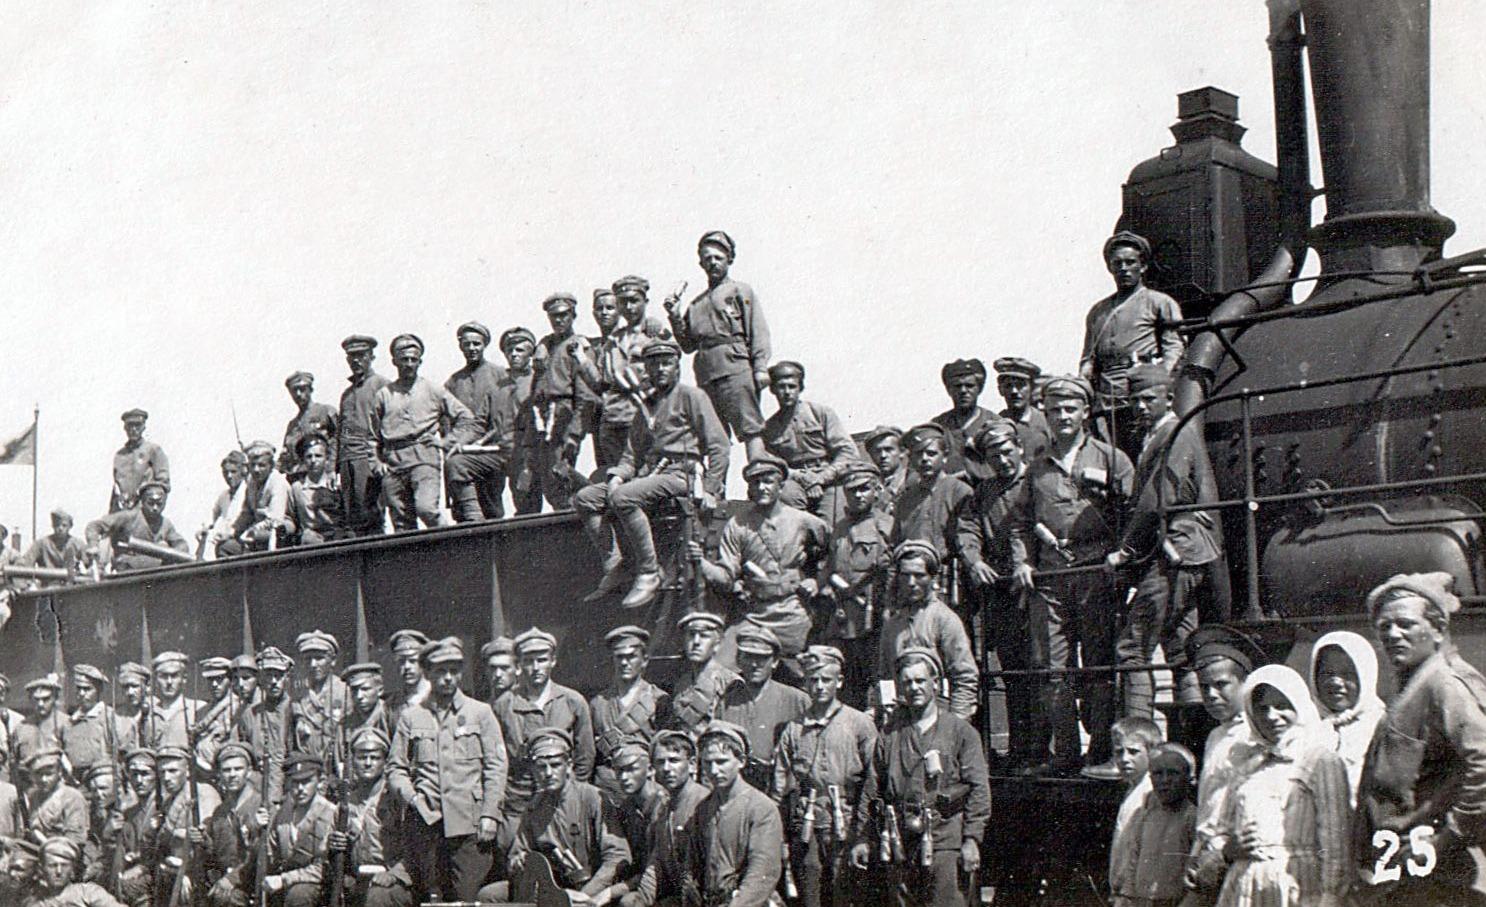 17 мая — 103 года назад произошло восстание Чехословацкого корпуса